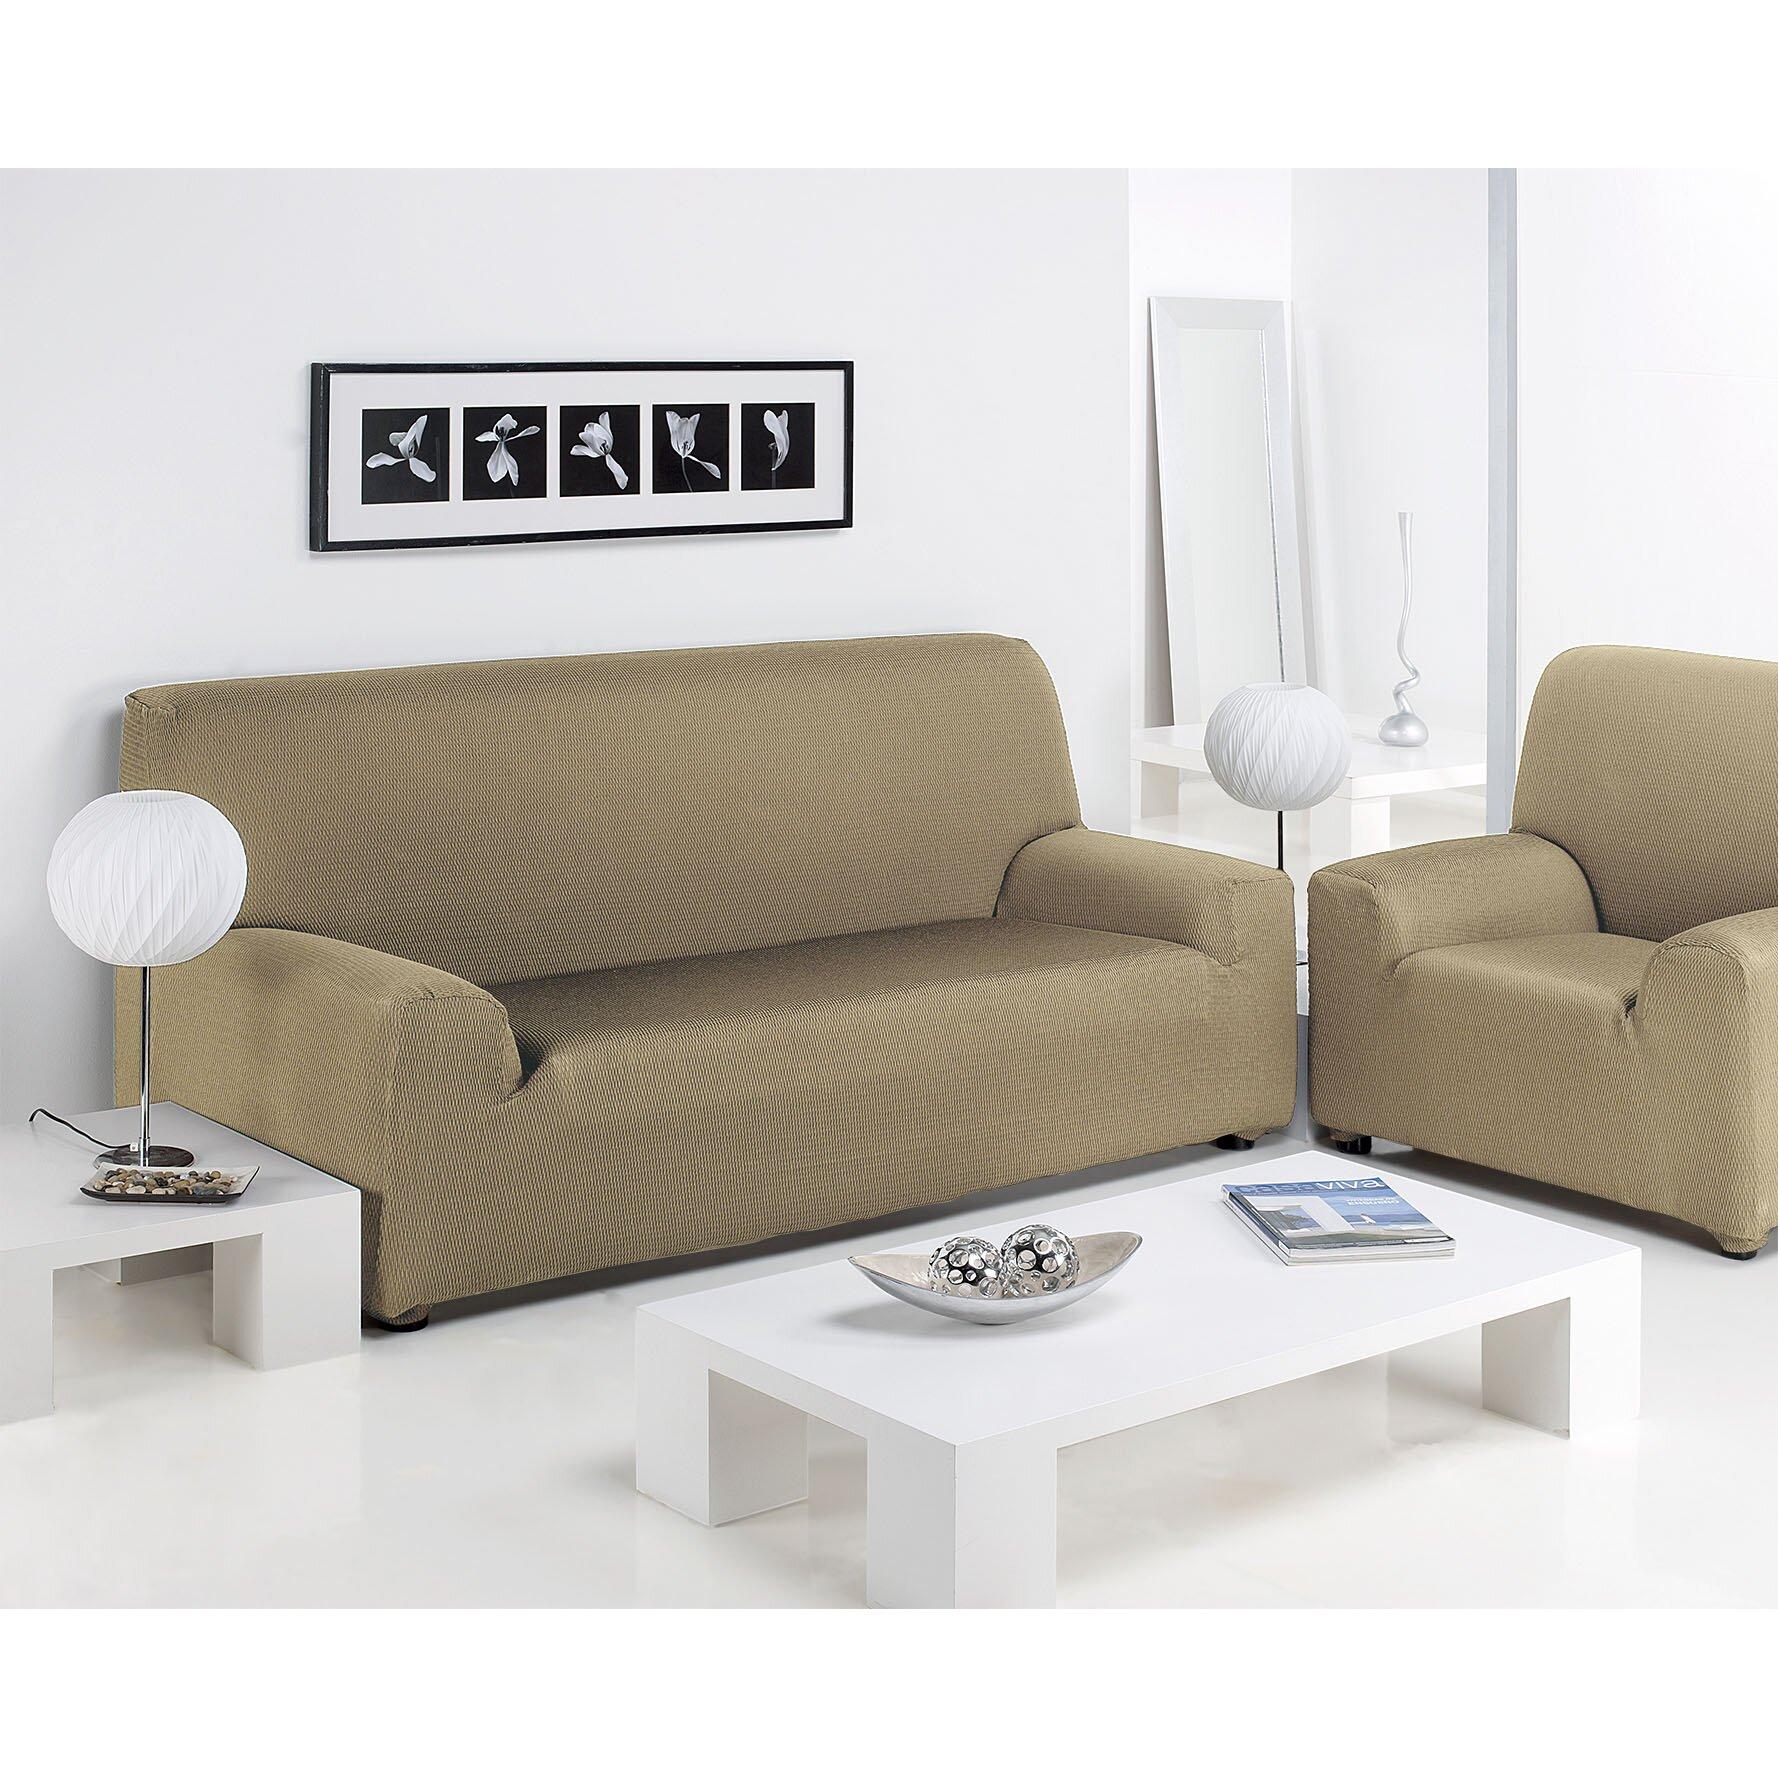 Cheap Stretch Sofa Covers Uk